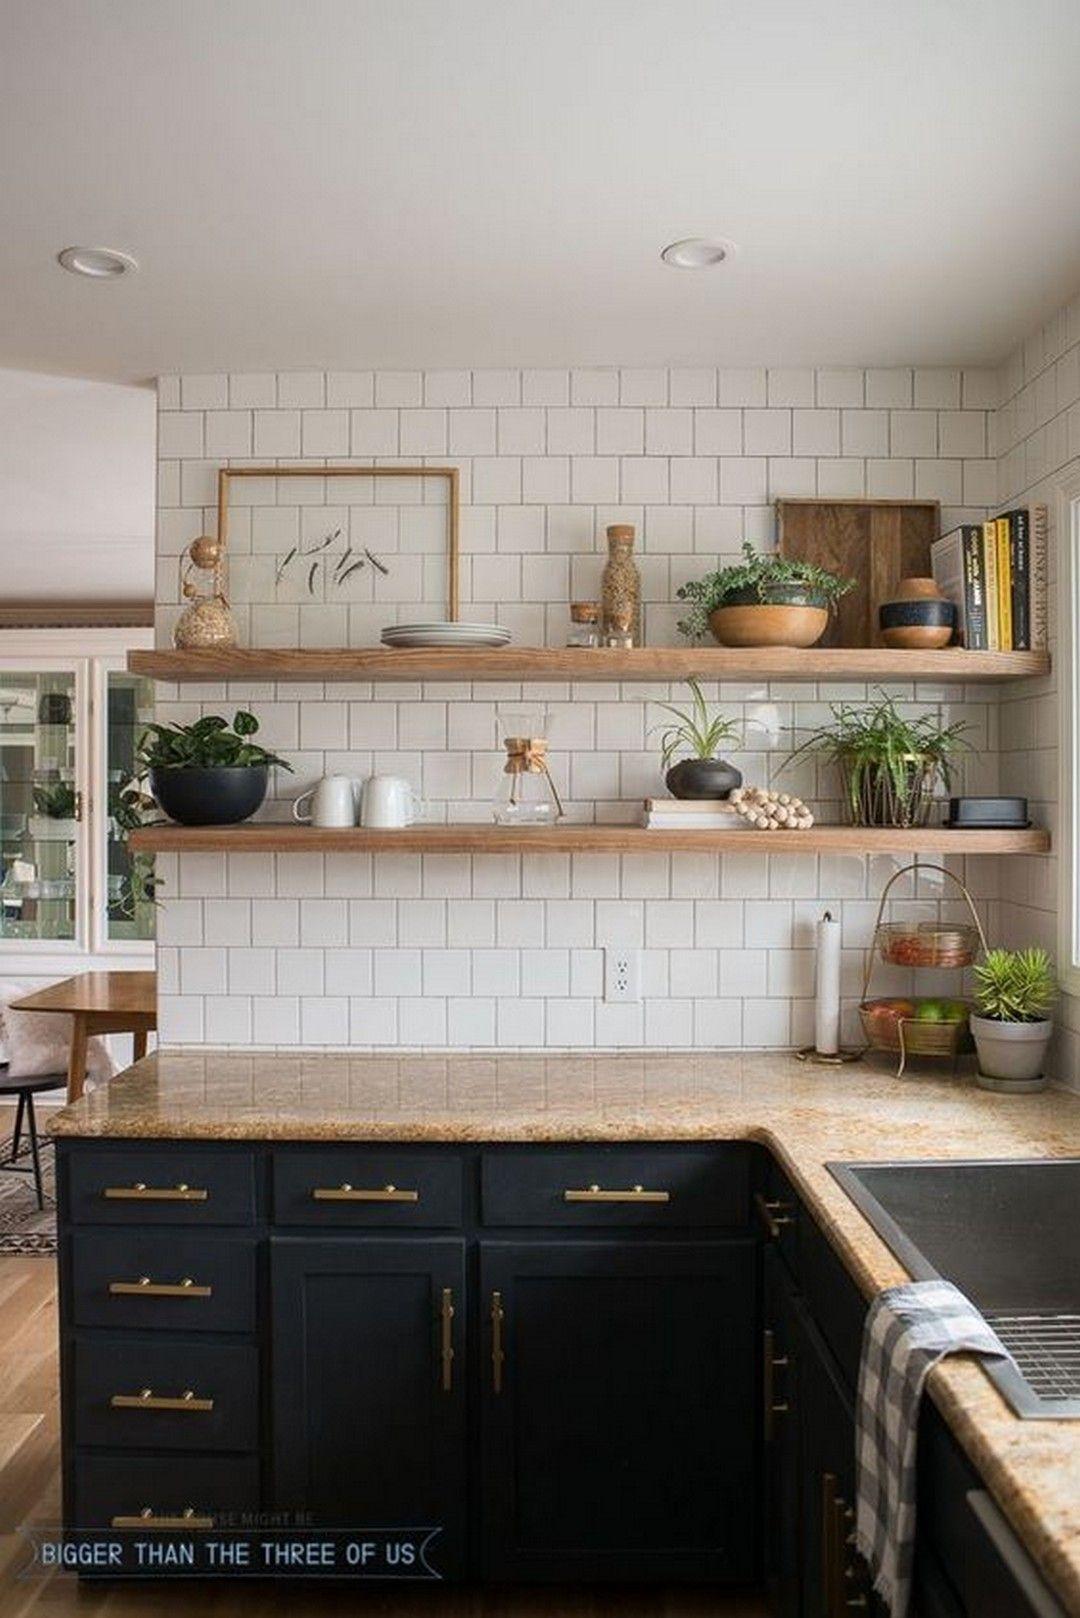 Kuscheln Sie Ihre Küche mit diesen schönen rustikalen Küche Design #kitchenmakeovers